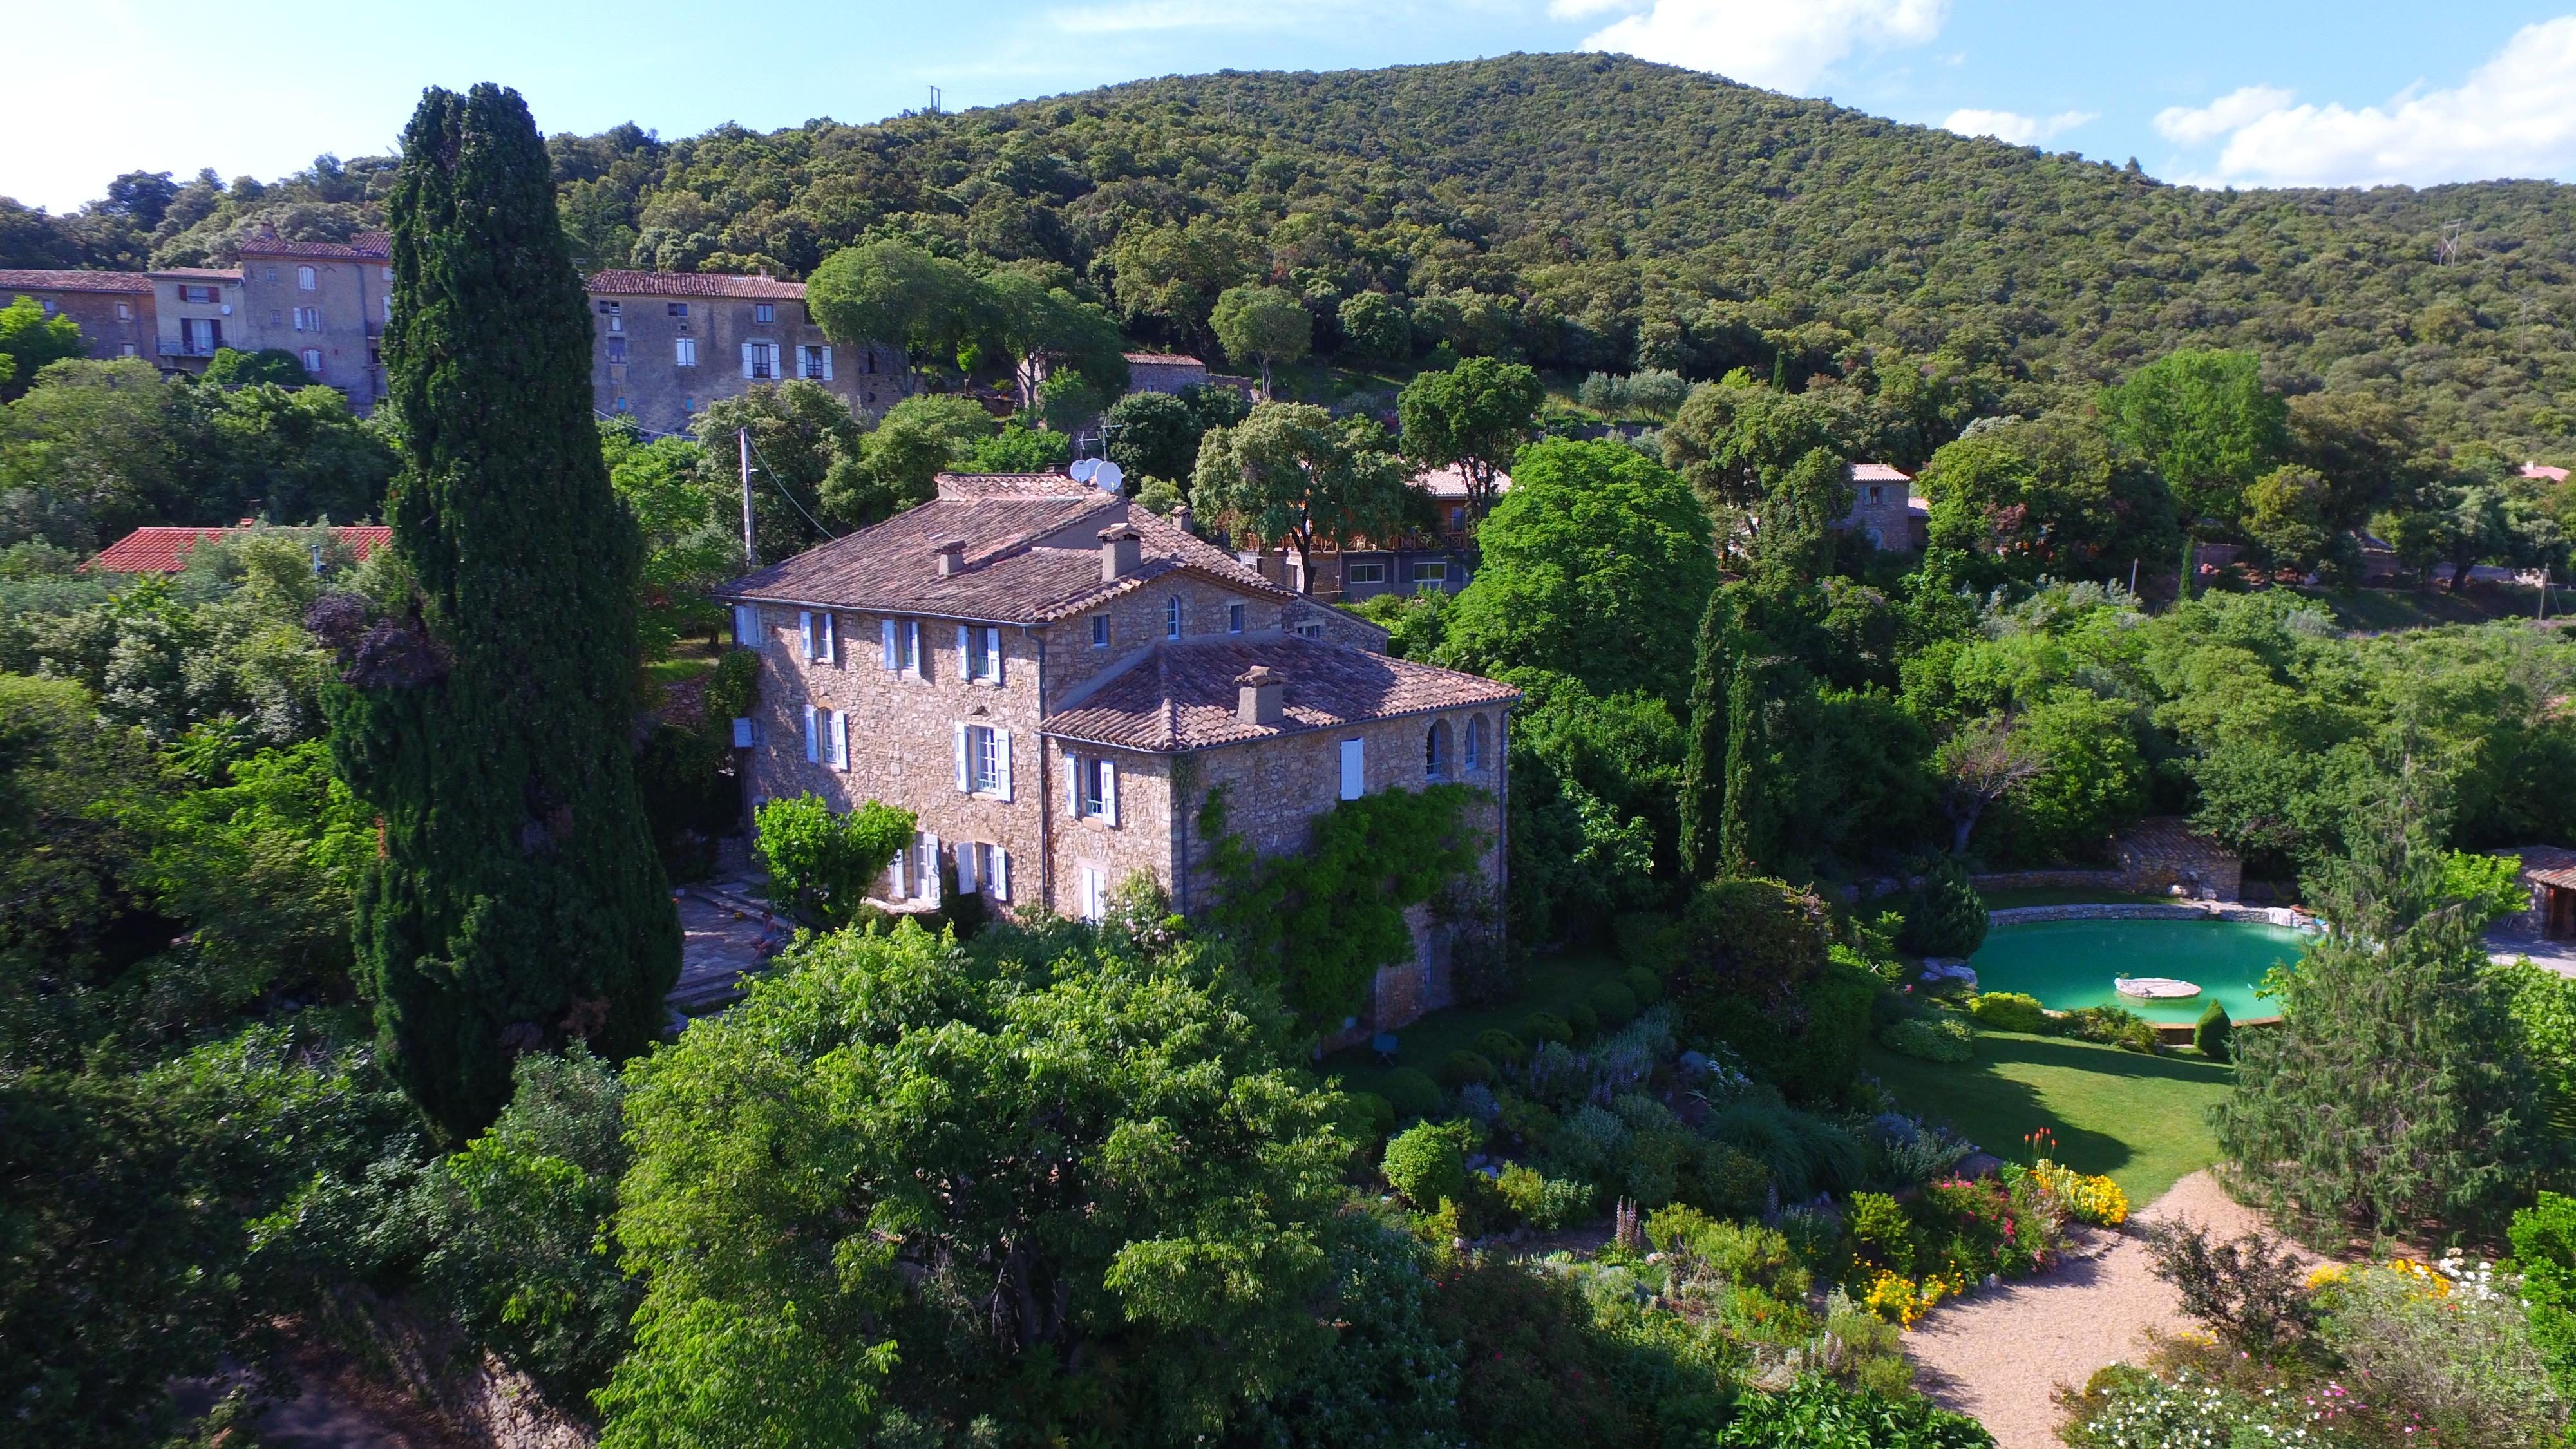 Mas De l'aire – Monoblet, Languedoc-Rousillon, France